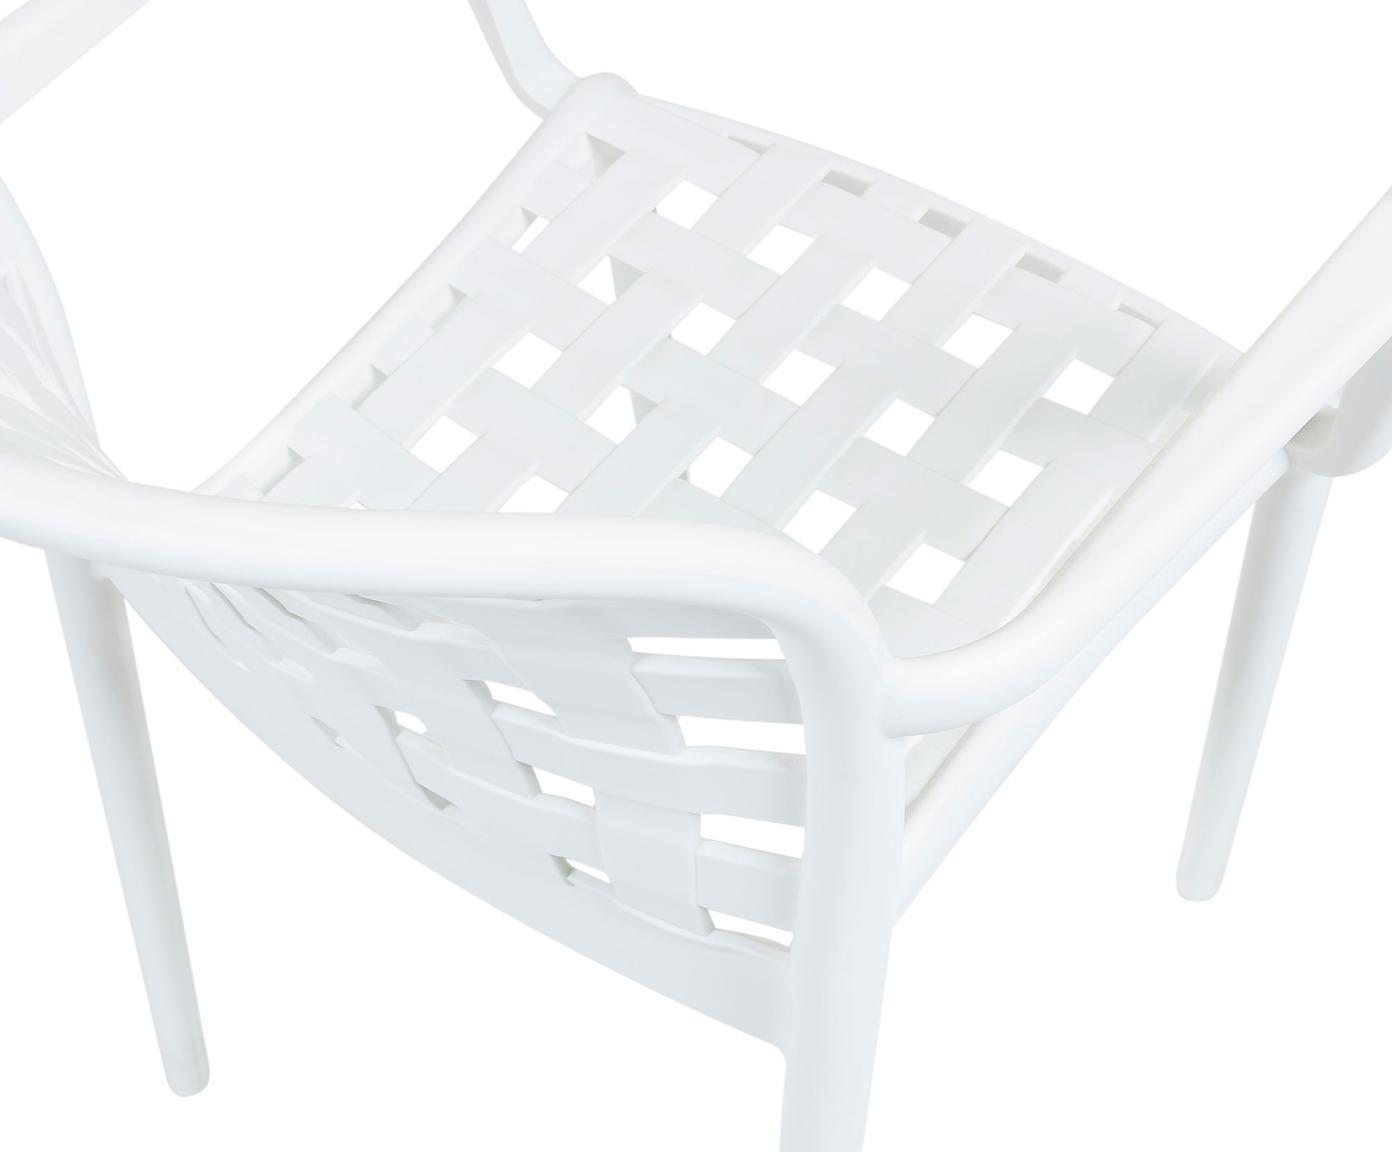 Krzesło ogrodowe składane z tworzywa sztucznego Isa, 2 szt., Tworzywo sztuczne, Biały, S 58 x G 58 cm